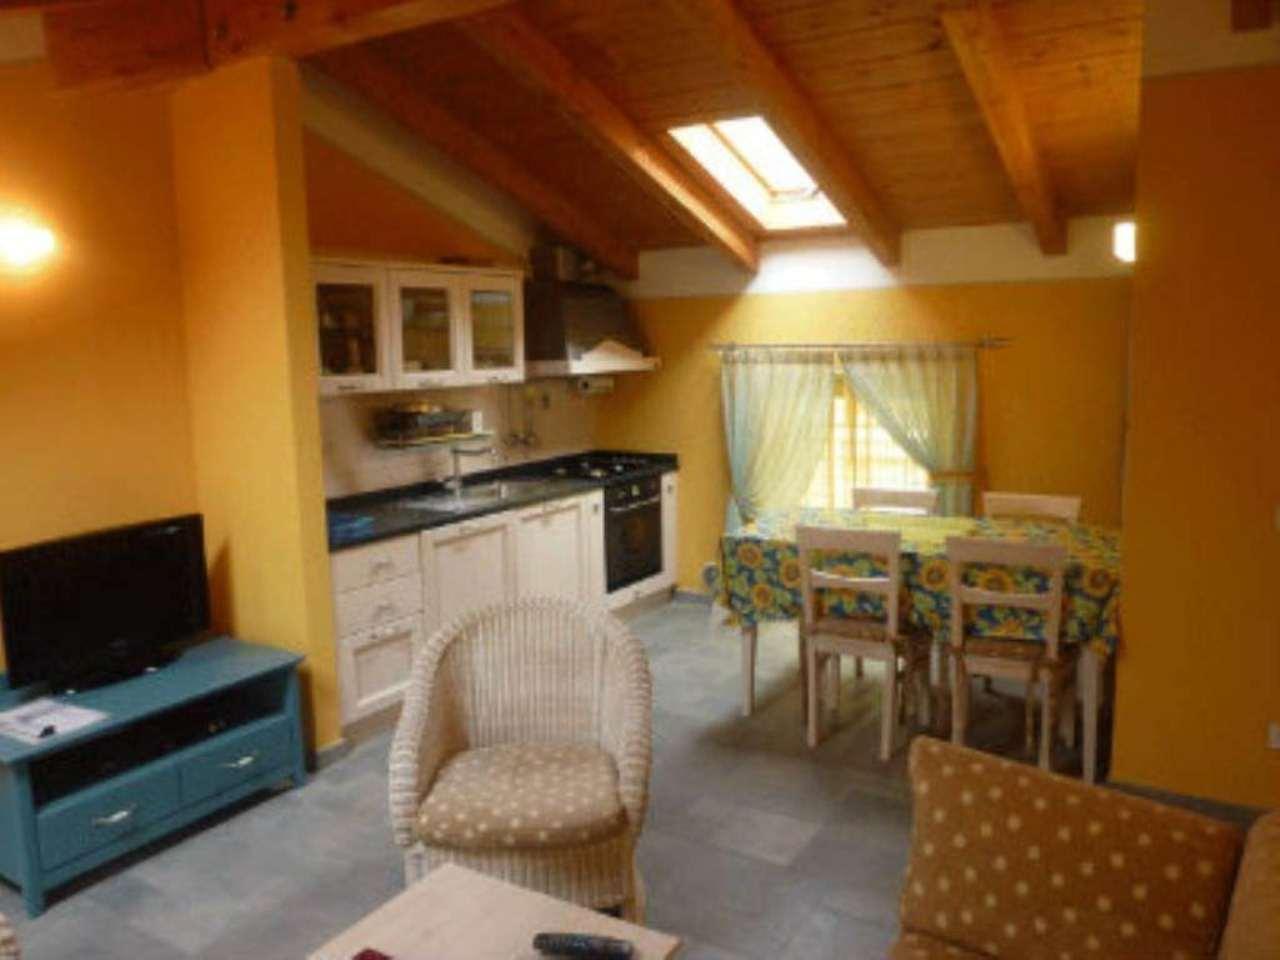 Villa in Vendita a Coazze Centro: 4 locali, 80 mq